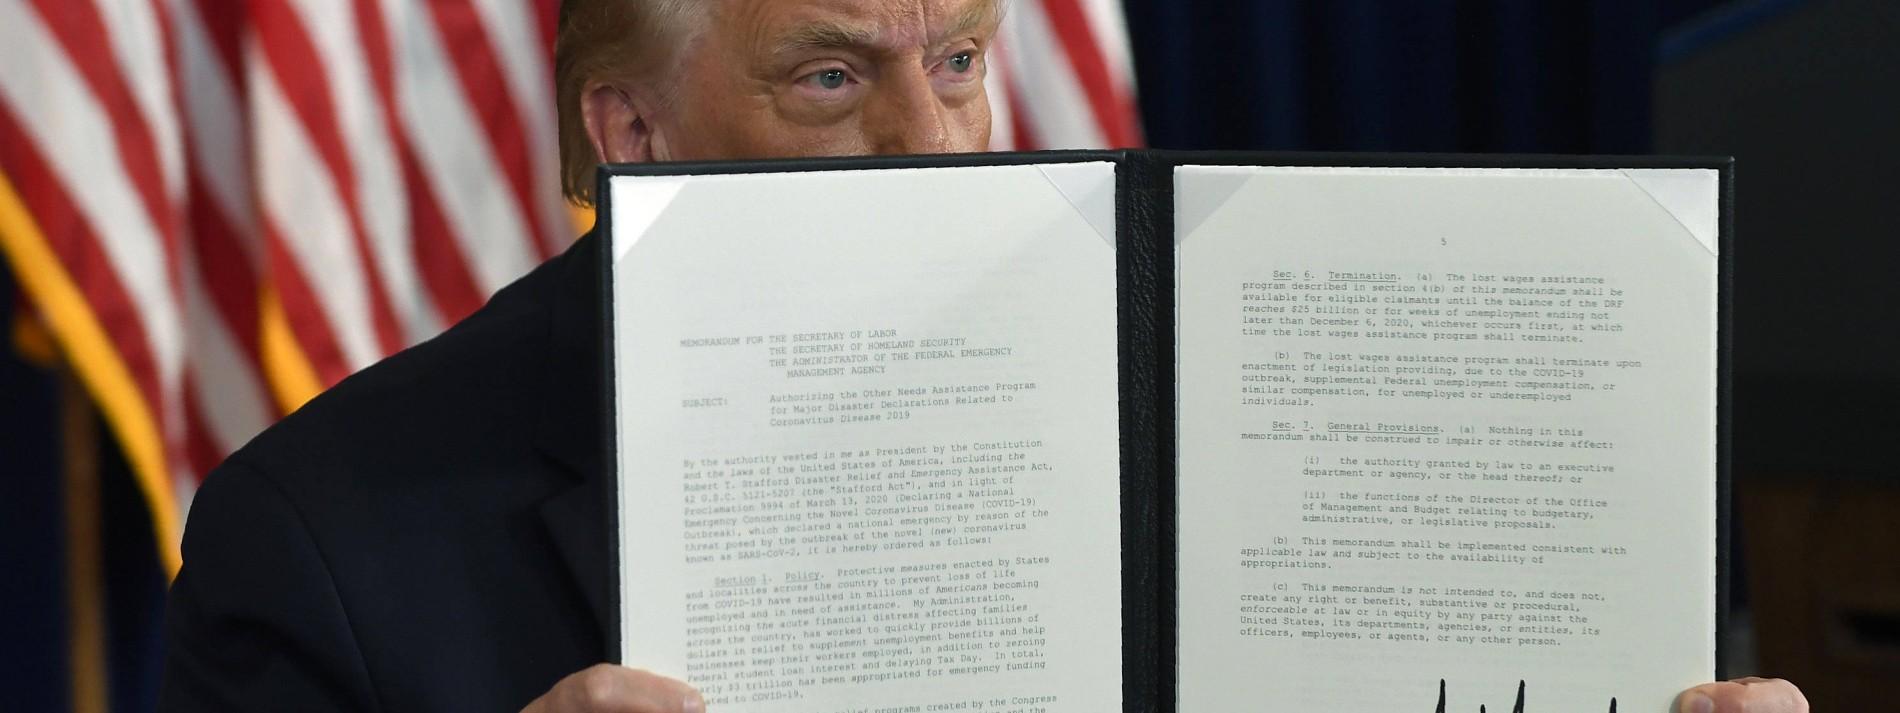 Trump-Regierung macht 3,1 Billionen Dollar Schulden